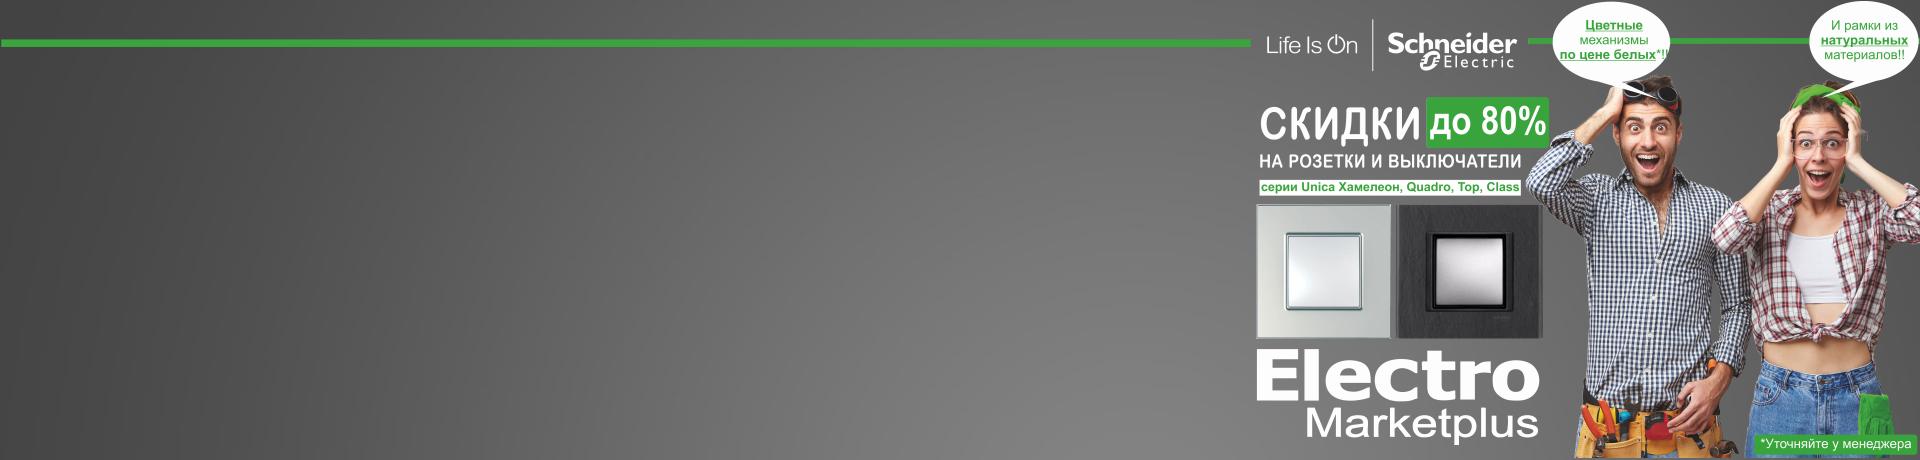 РАСПРОДАЖА серии Unica Хамелеон, Quadro, Top, Class